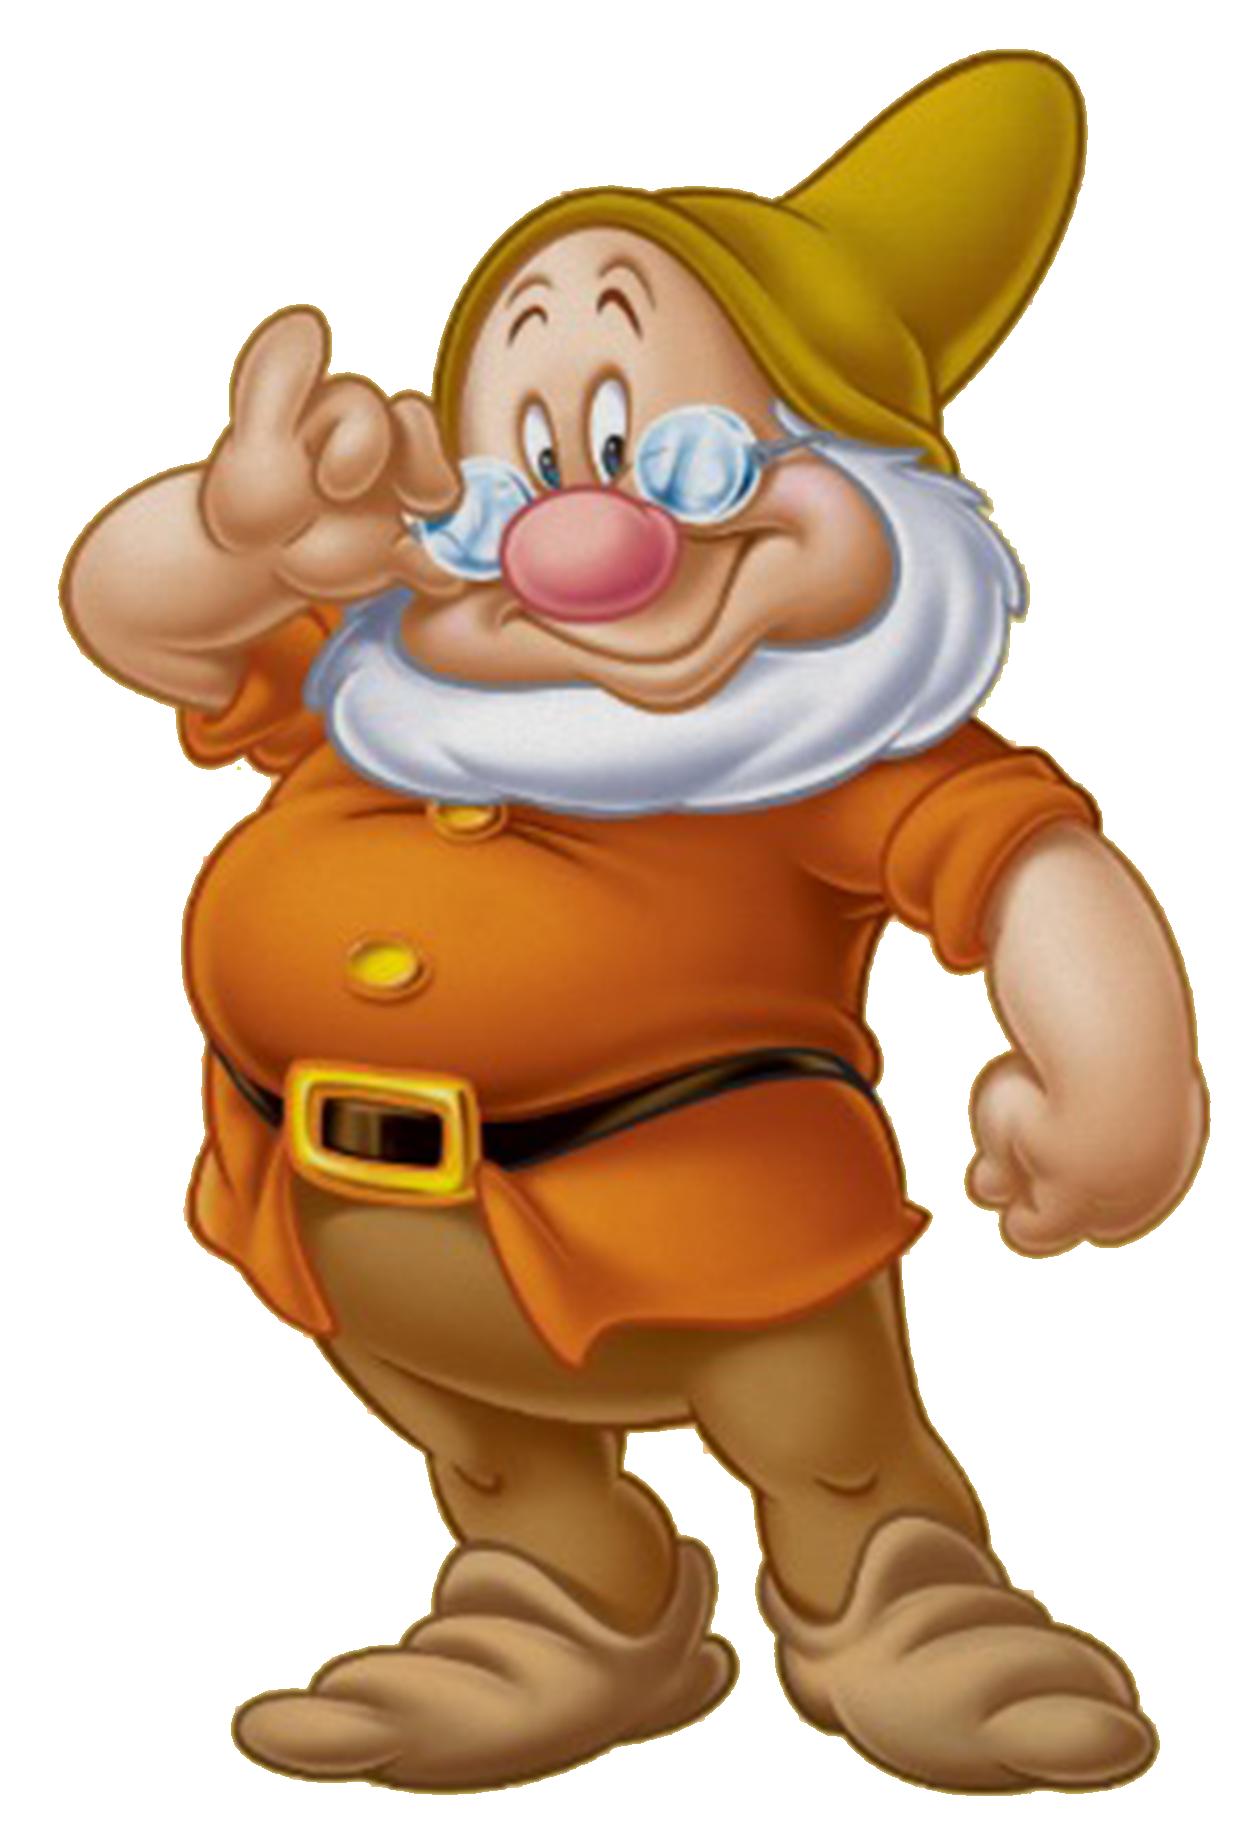 Dwarf PNG image free Download